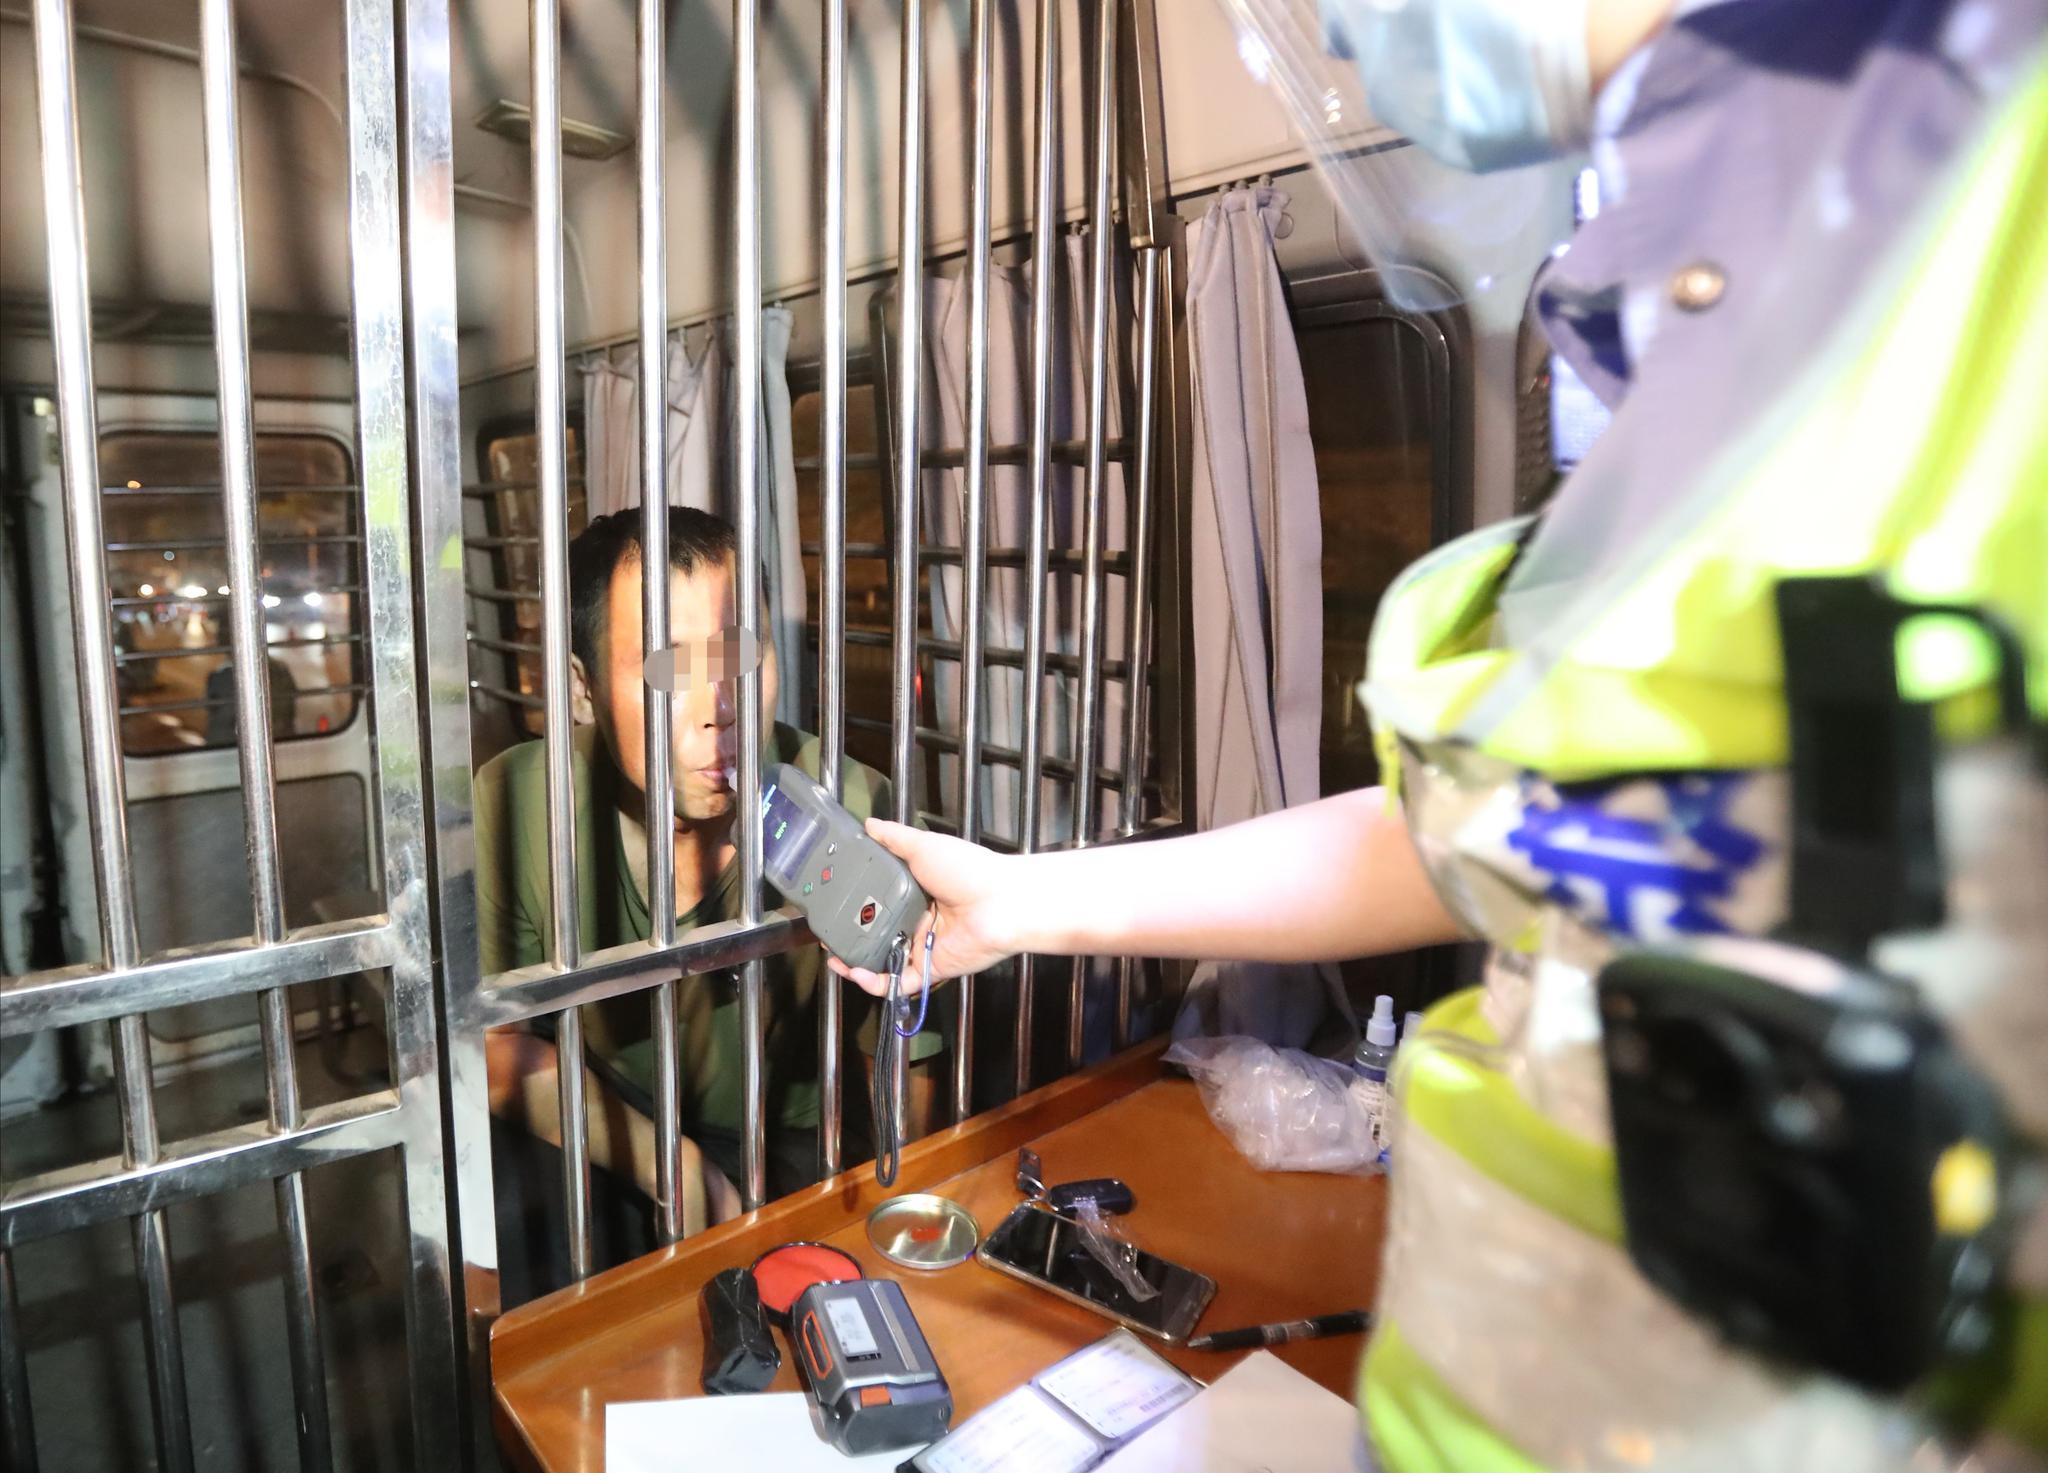 夜查中,一名涉嫌酒驾的夫君被带上警车担当进一步查抄。摄 新京报记者 王贵彬